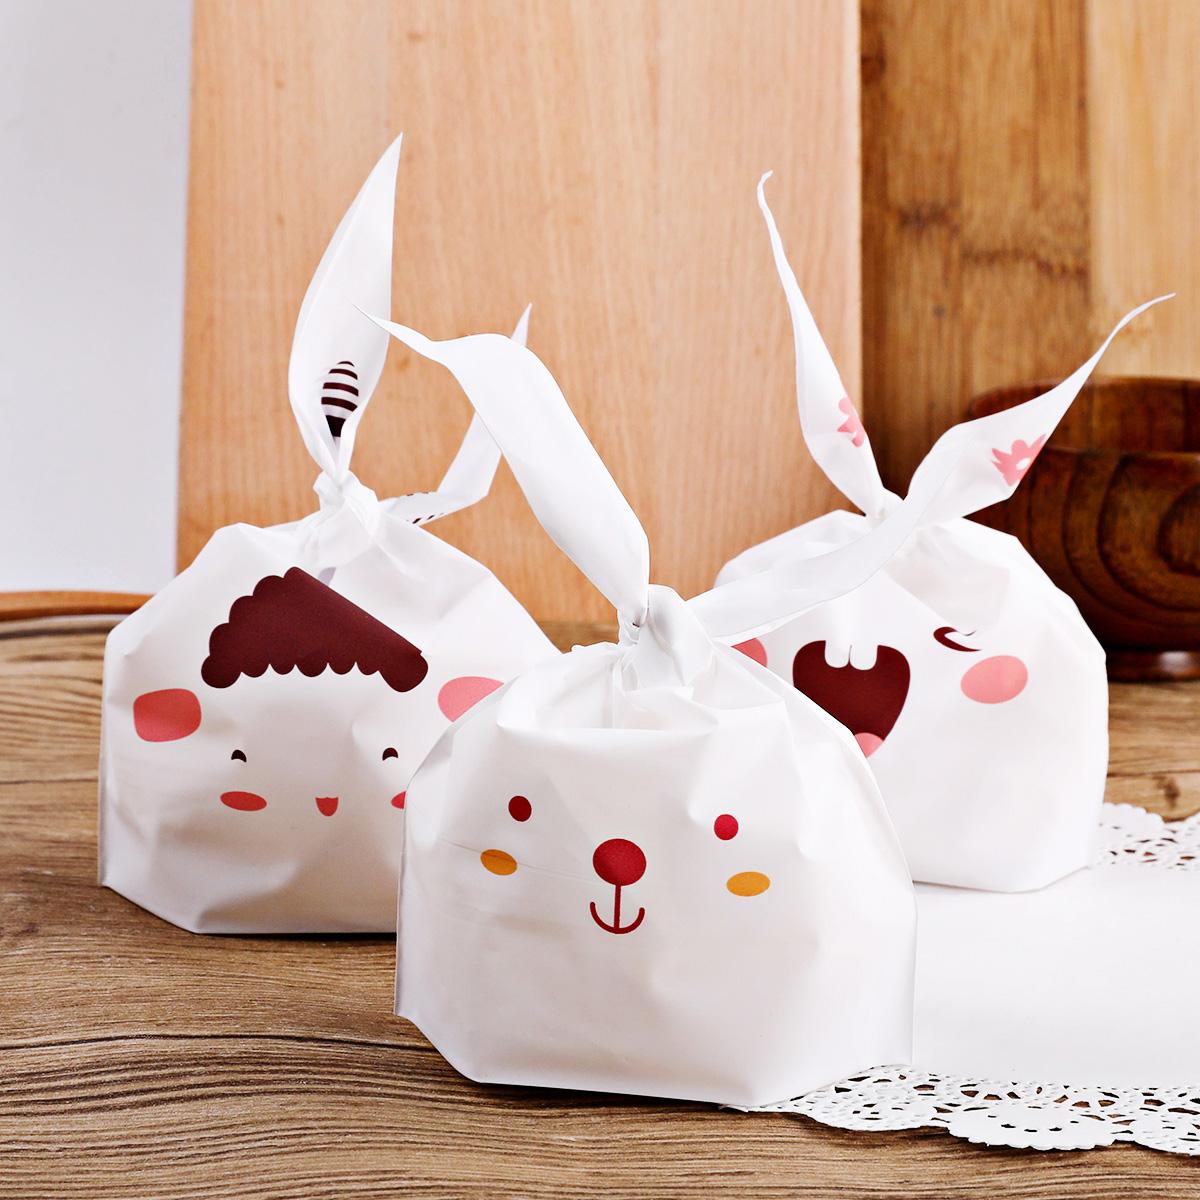 �L耳朵小兔子牛�糖包�b袋糖�包�b盒 白色磨砂�干袋小�c心 30只